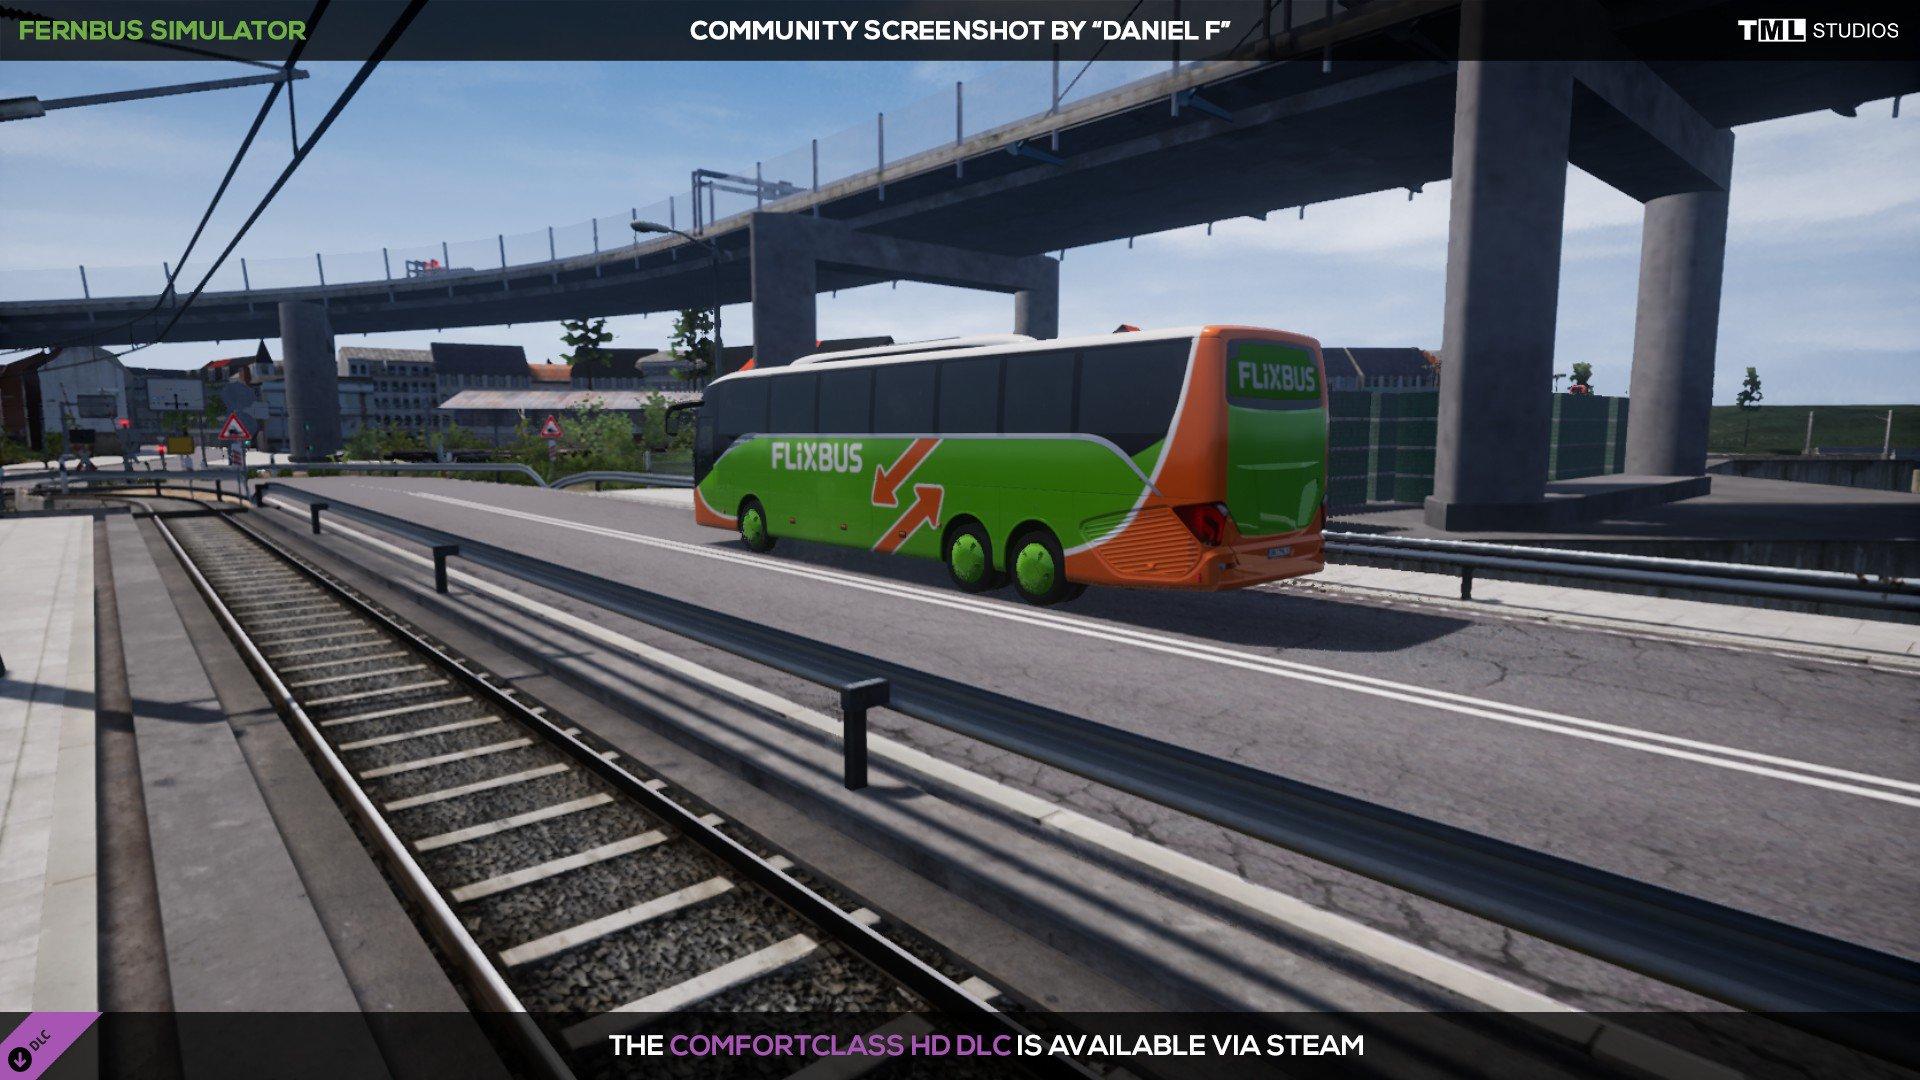 Fernbus Simulator 19